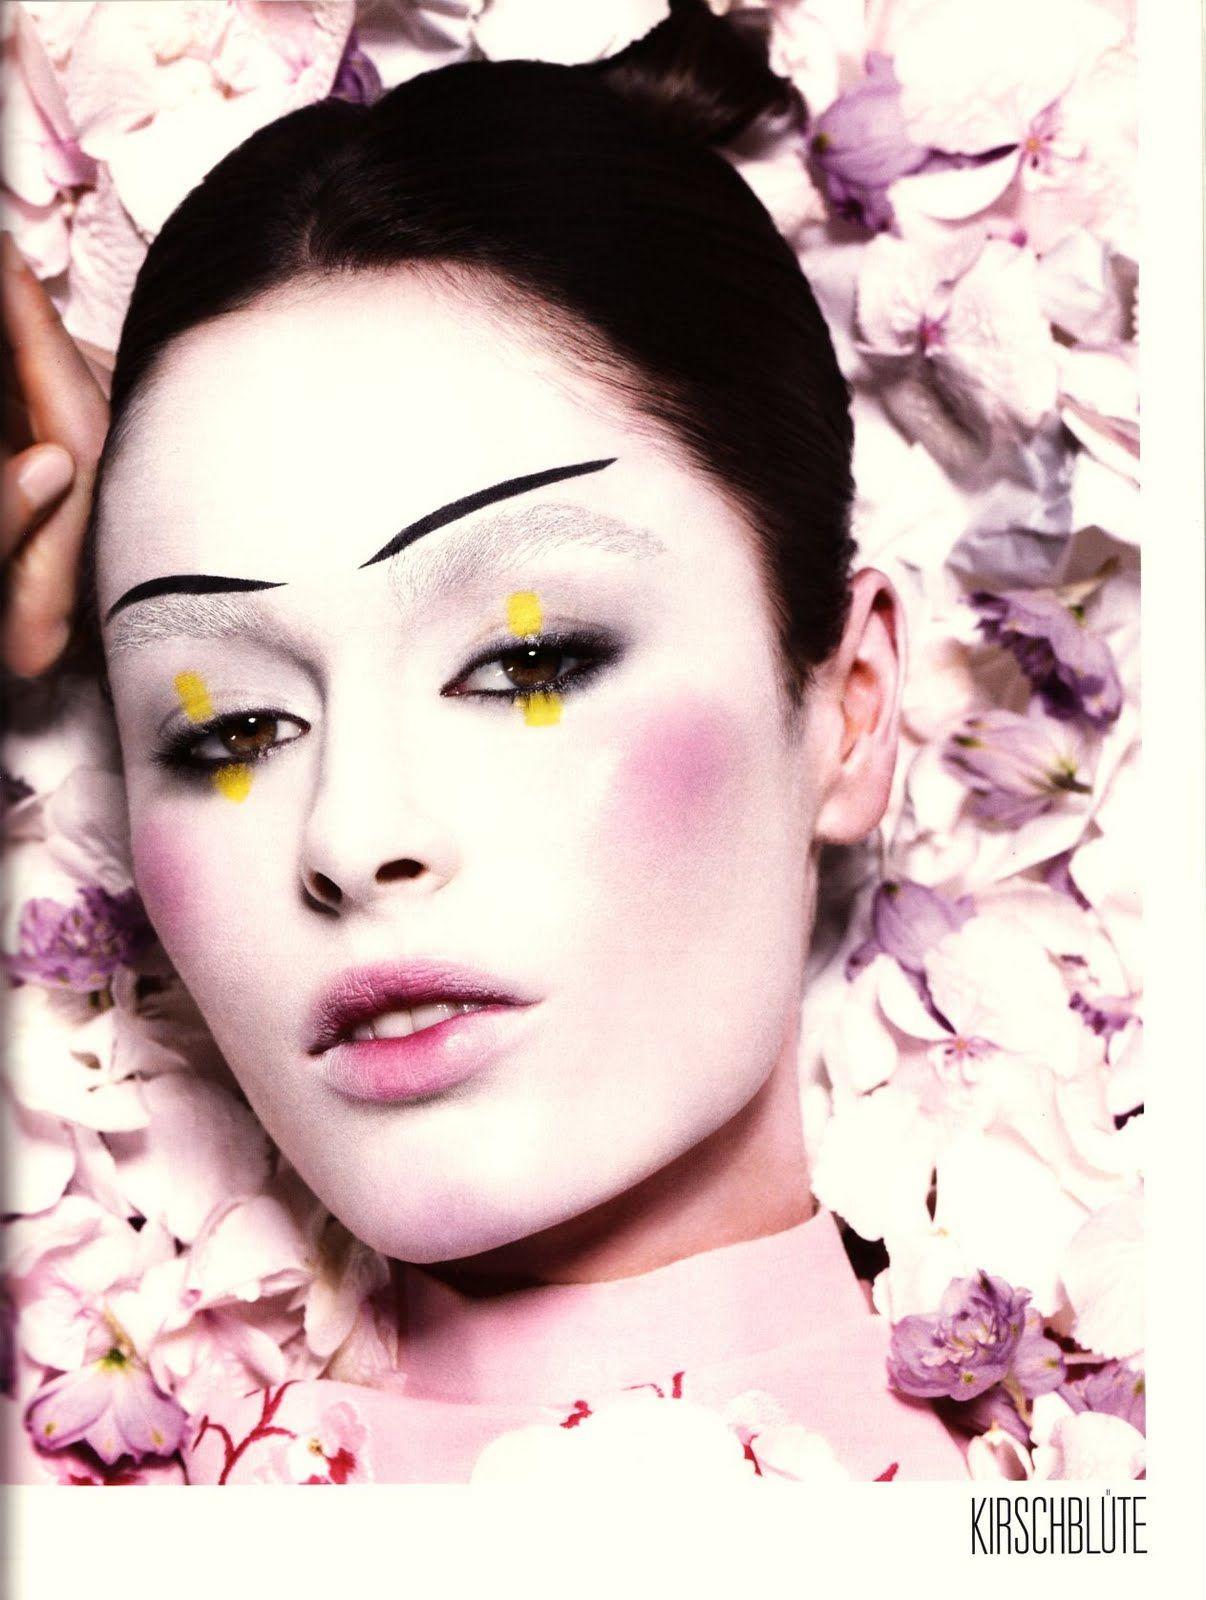 Lumpy Potatoes Halloween Costume For Preggo And Chinese Foot Binding Geisha Makeup Artistry Makeup Fantasy Makeup